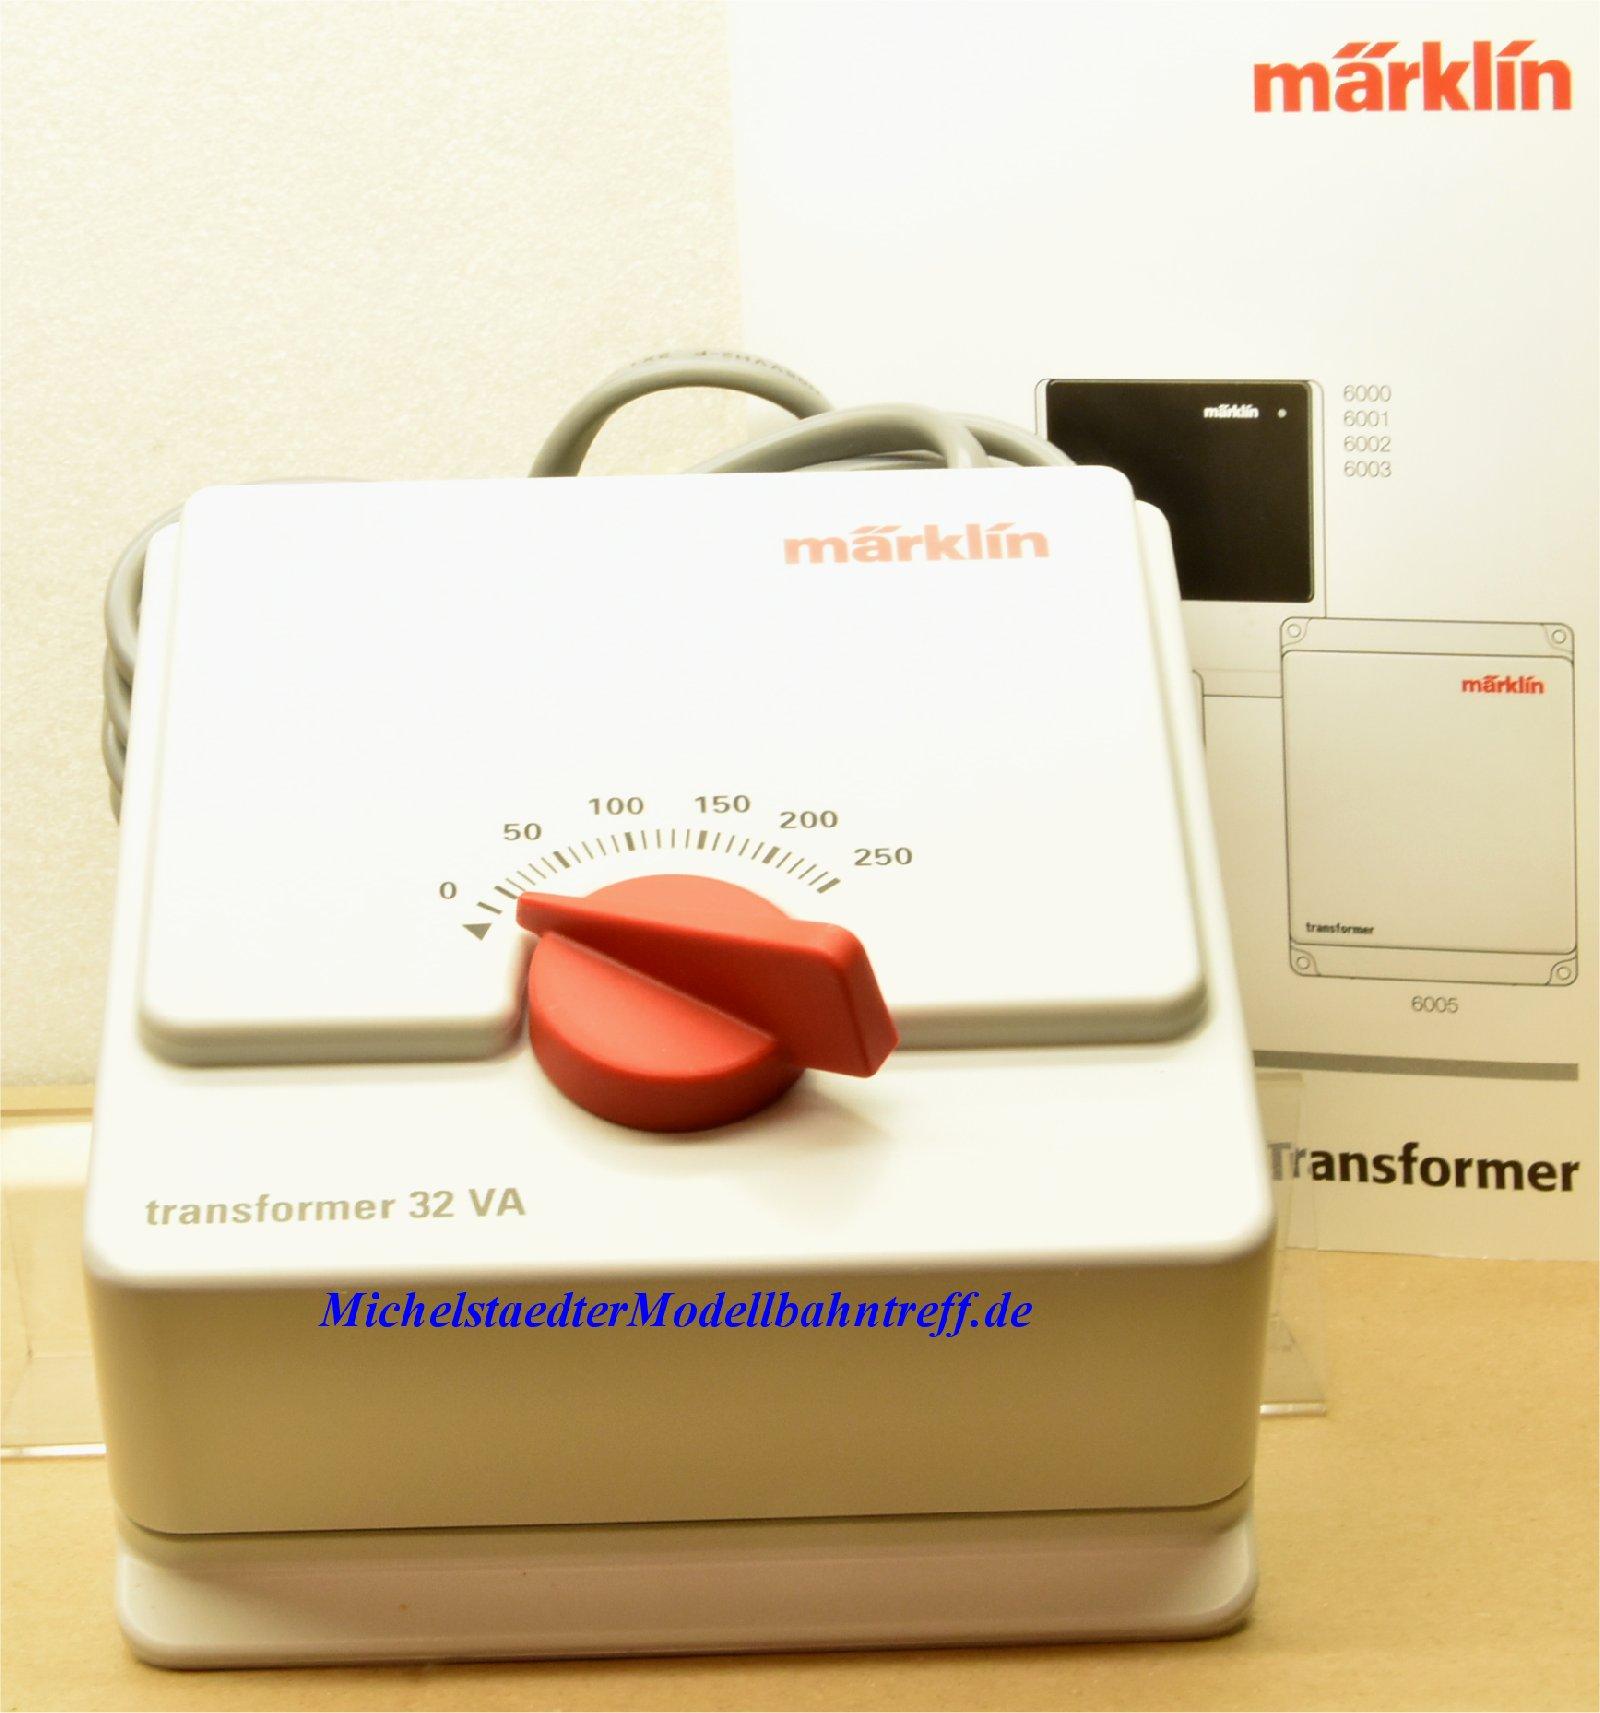 Märklin 6002 und 6647 Betriebsanleitung Transformator Spur H0